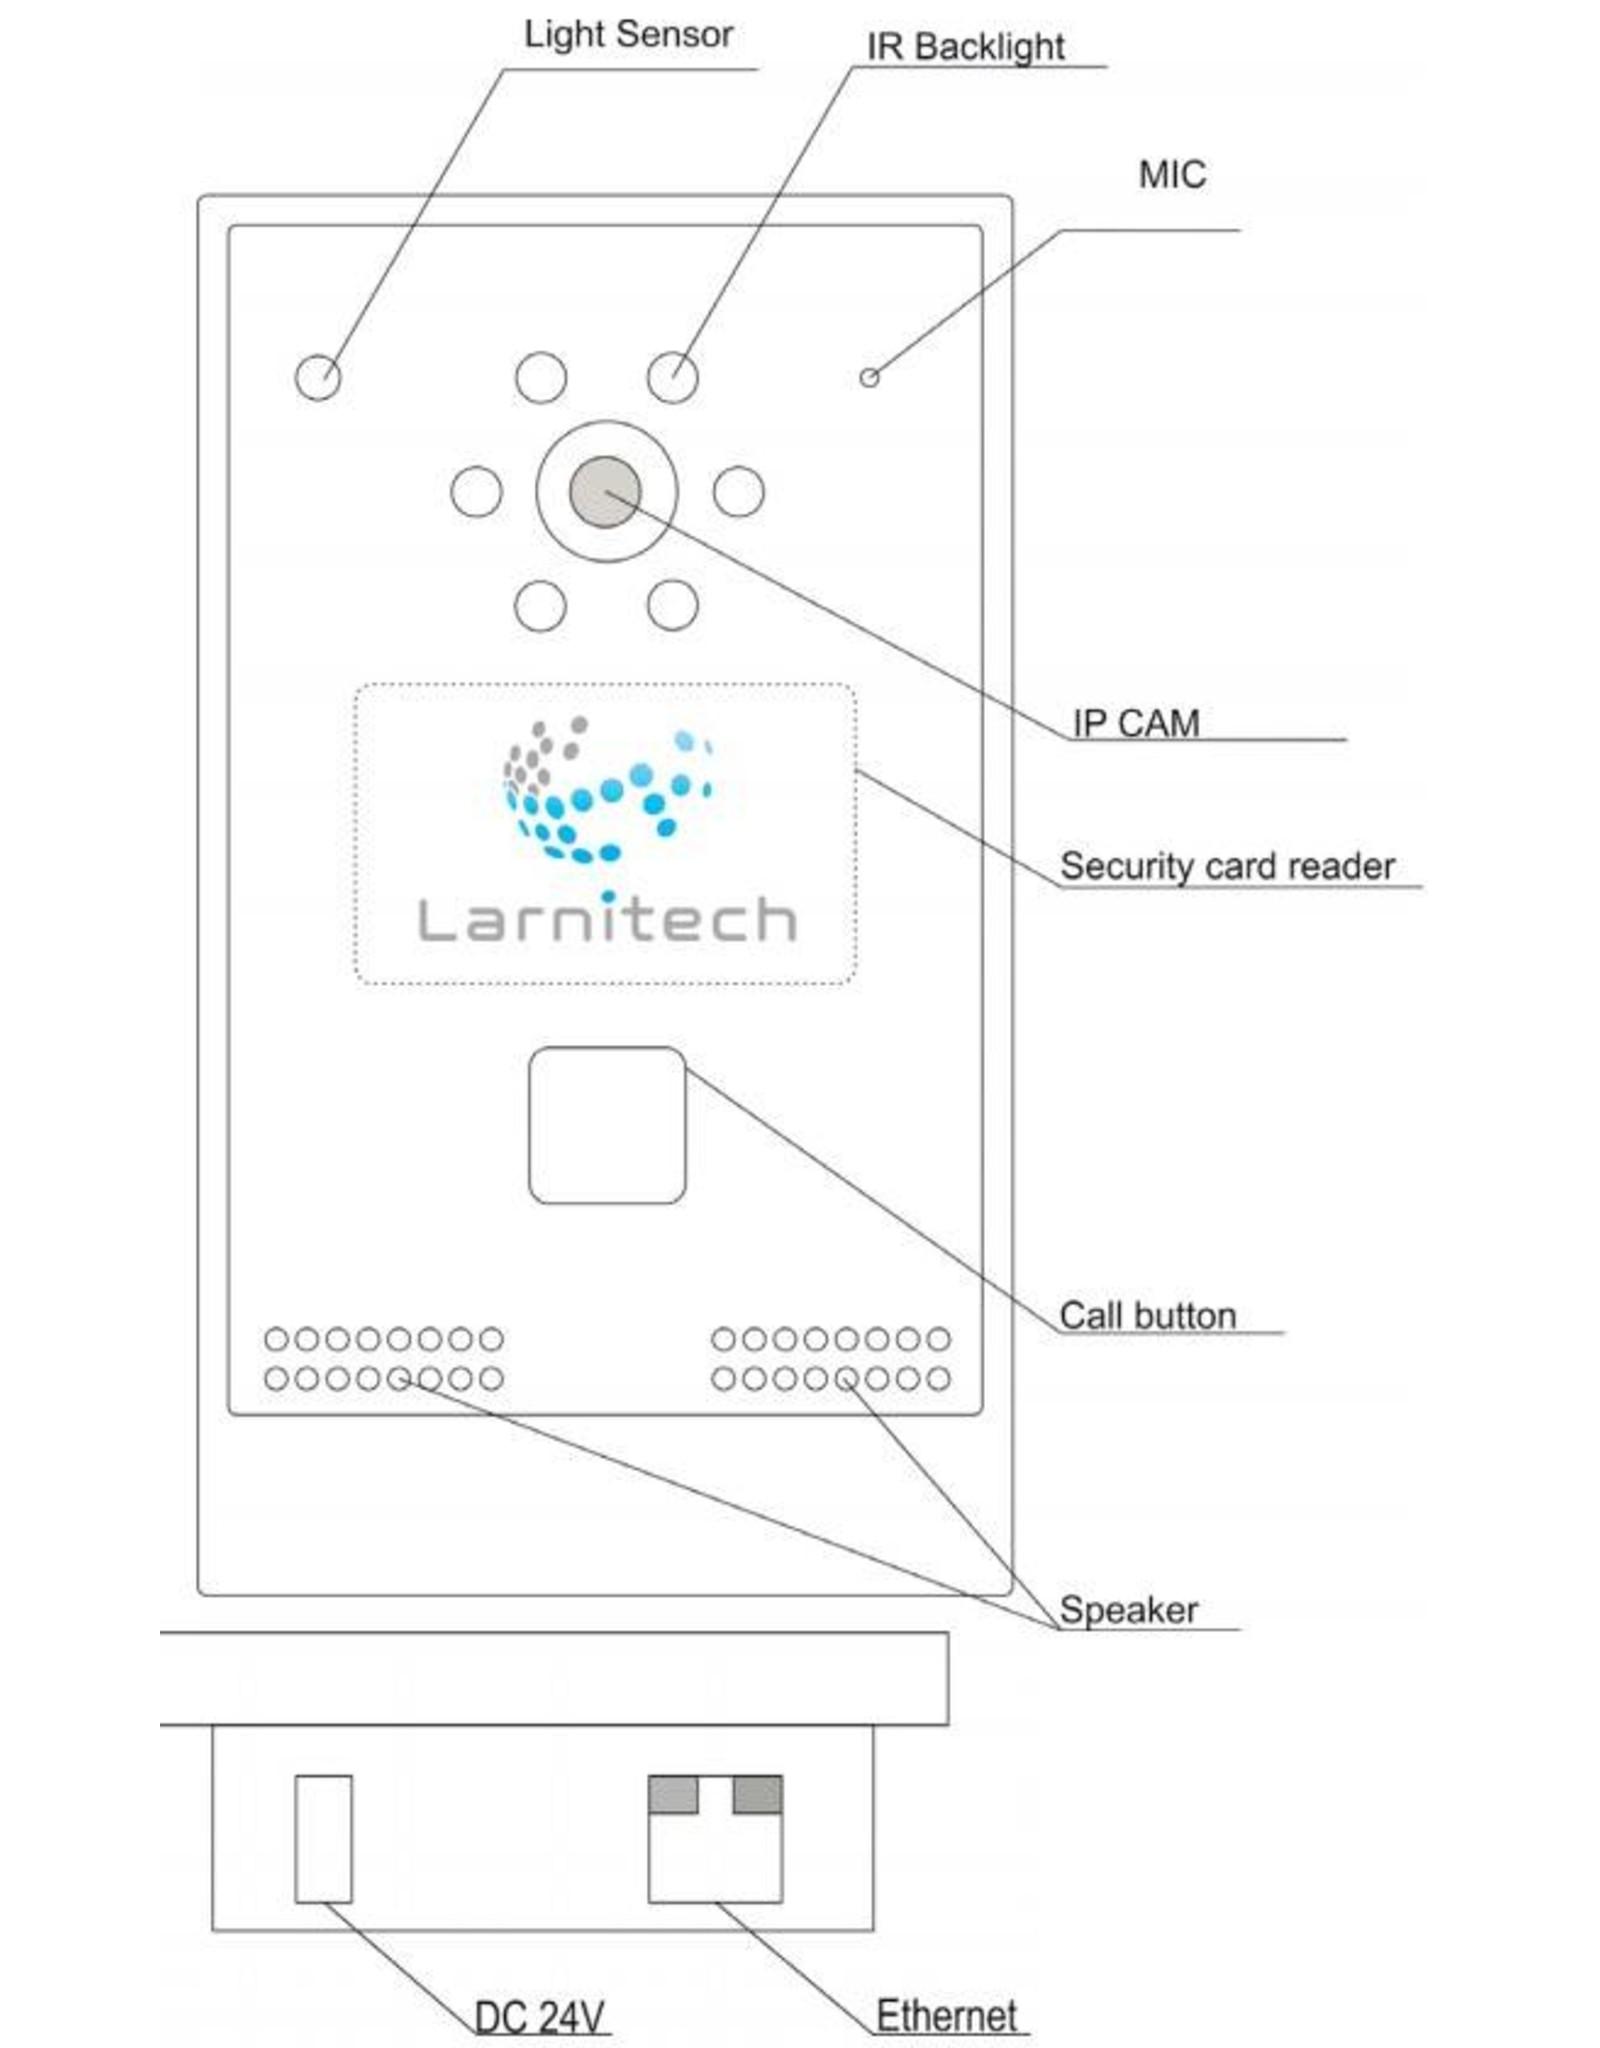 Larnitech FE-IC - Intercom without the Larnitech logo